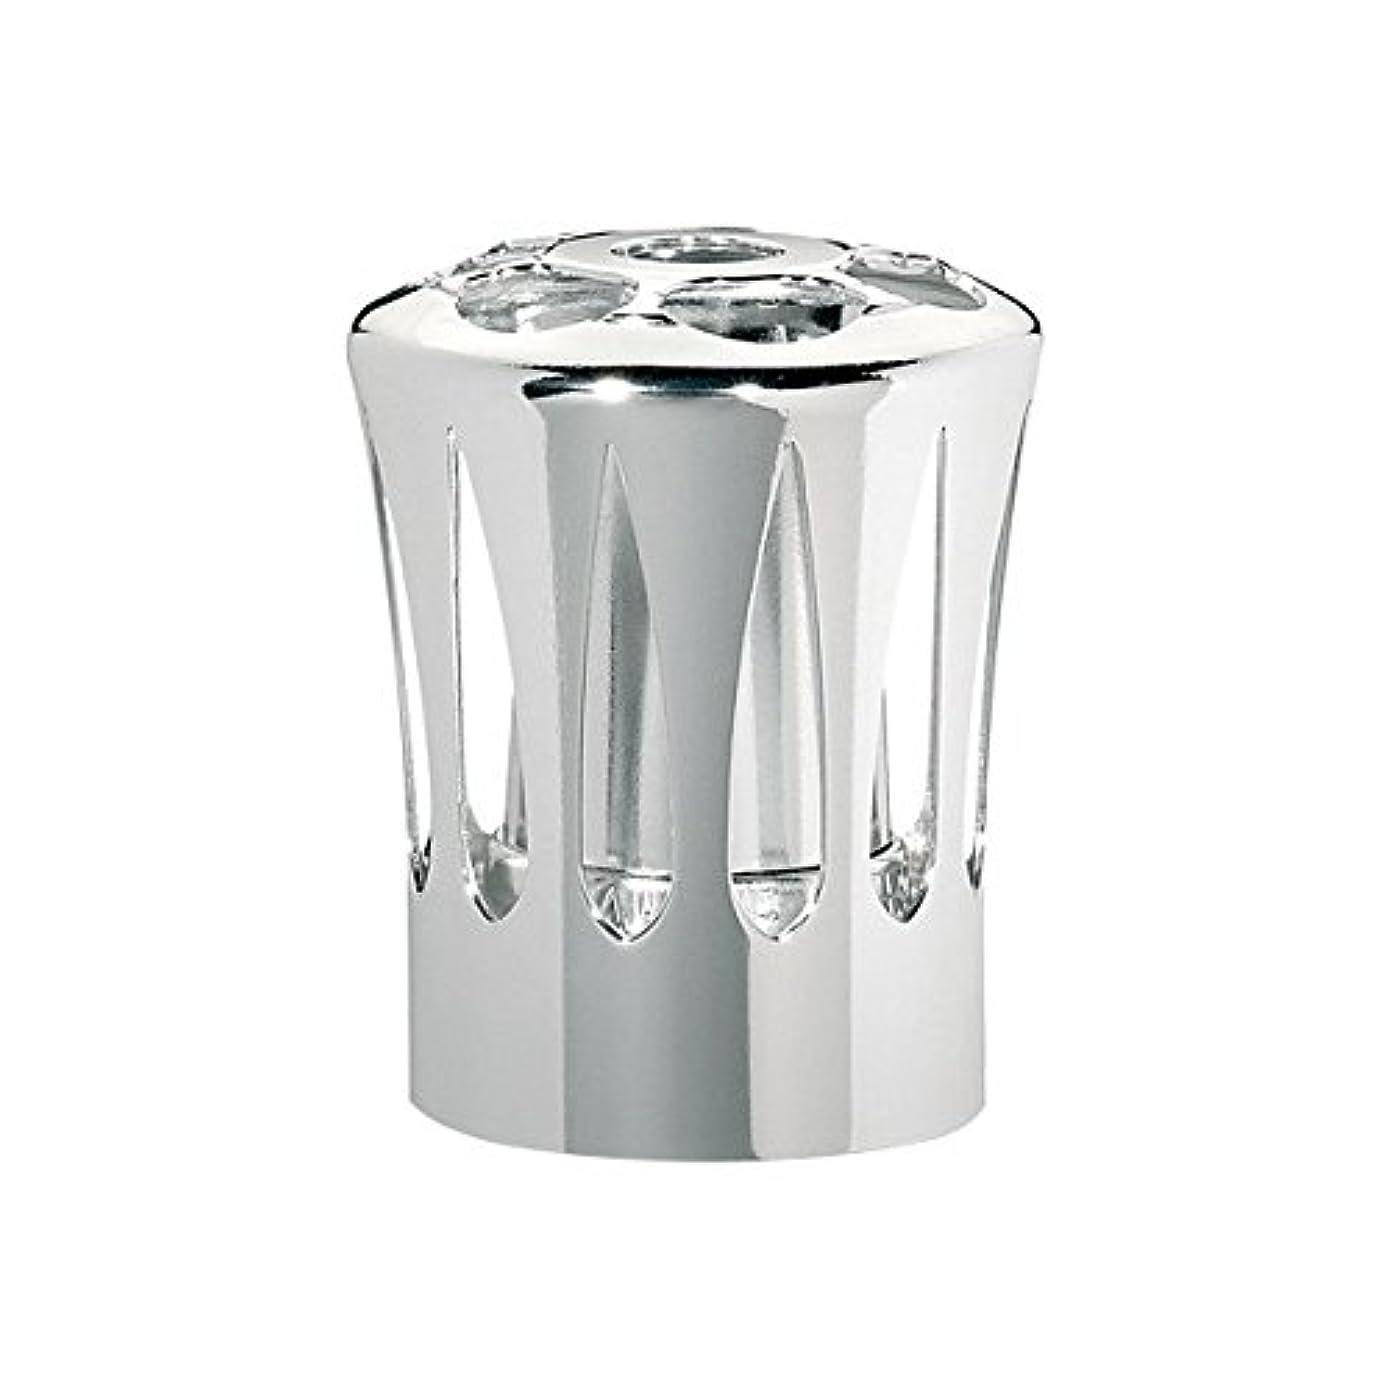 皮肉クラシカル返済ランプベルジェ(LAMPE BERGER) 安全キャップ【正規輸入品】飾り蓋シルバー